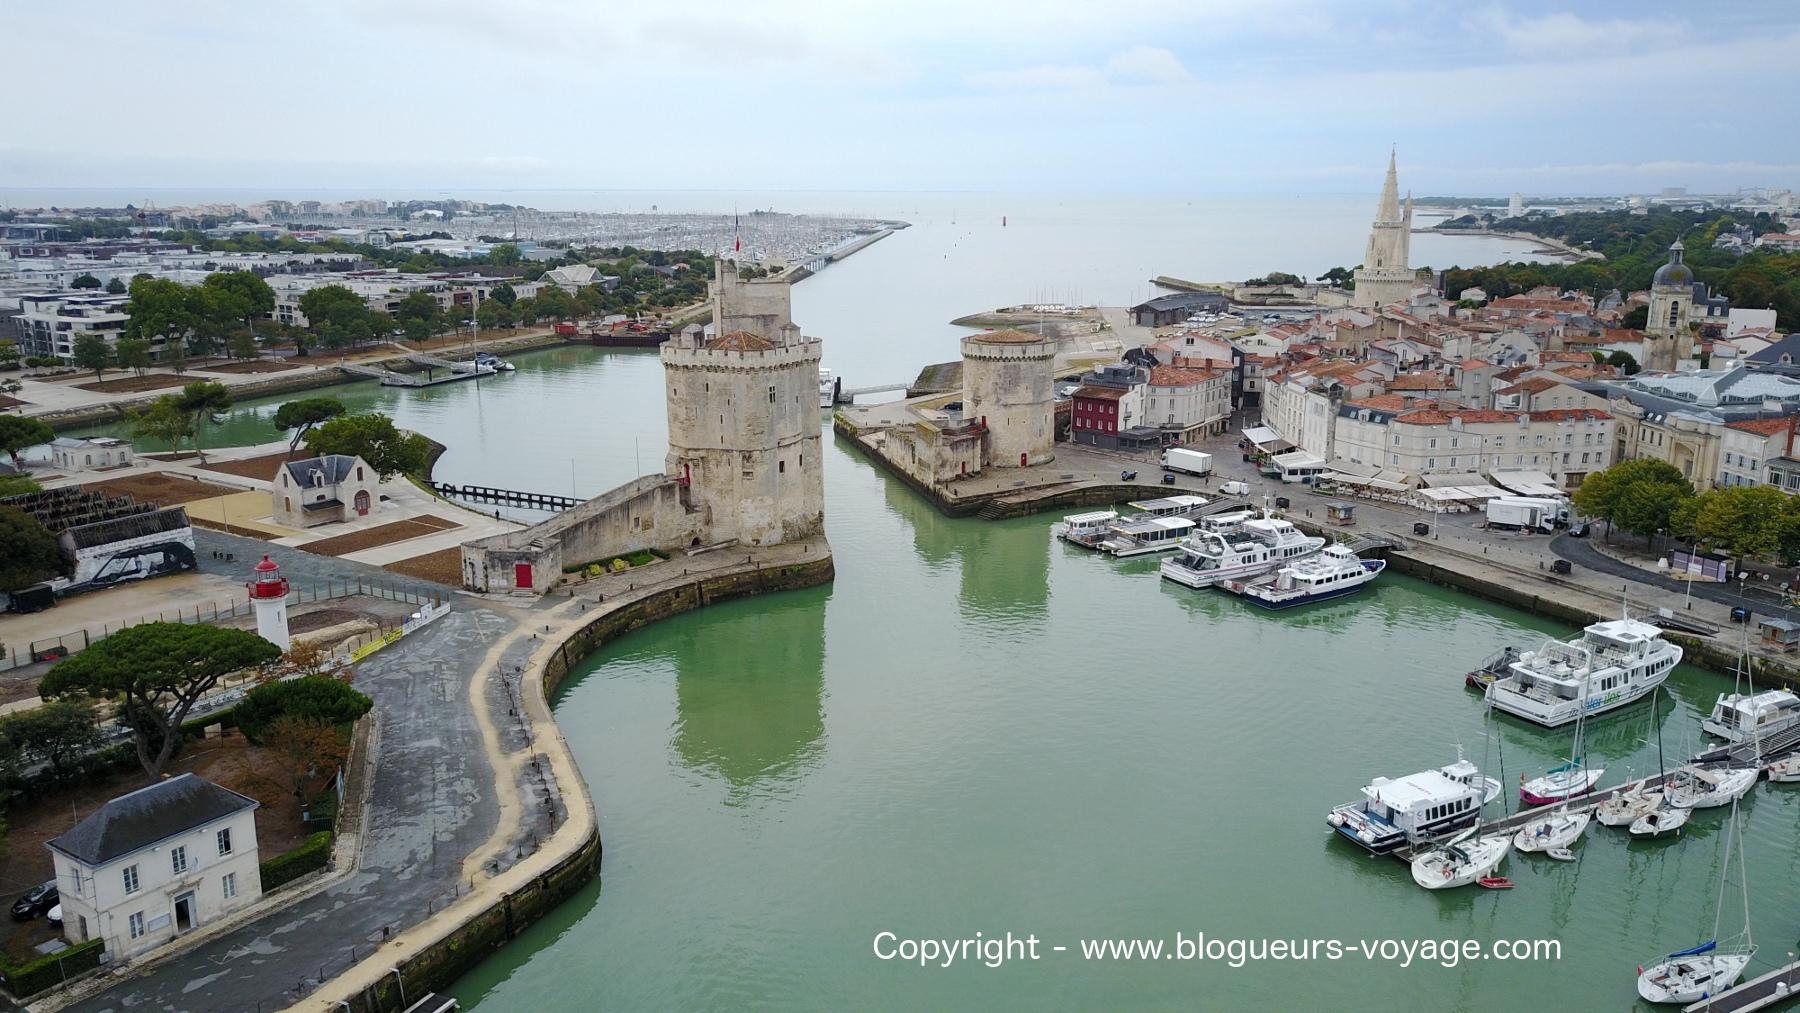 Visiter La Rochelle en 1 journée